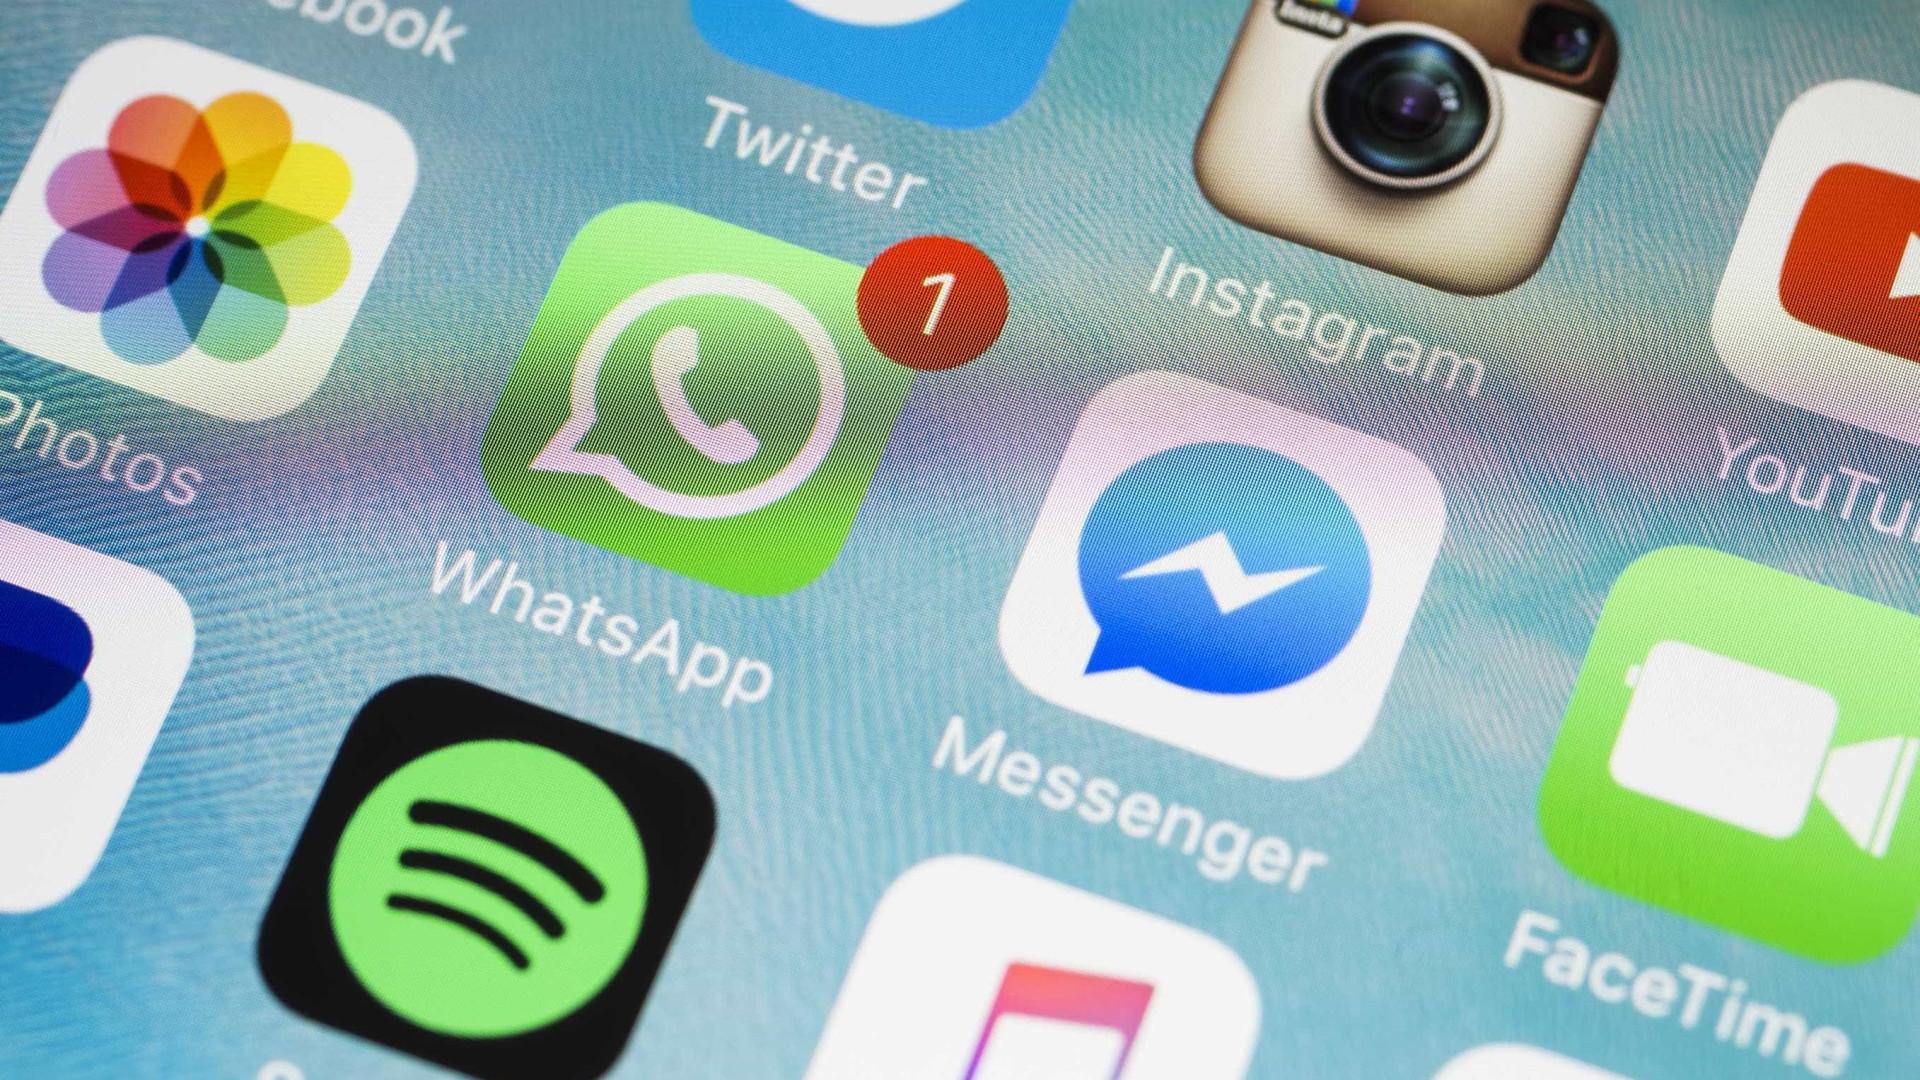 WhatsApp permite converter vídeos curtos em GIFs. Esqueça as outras apps